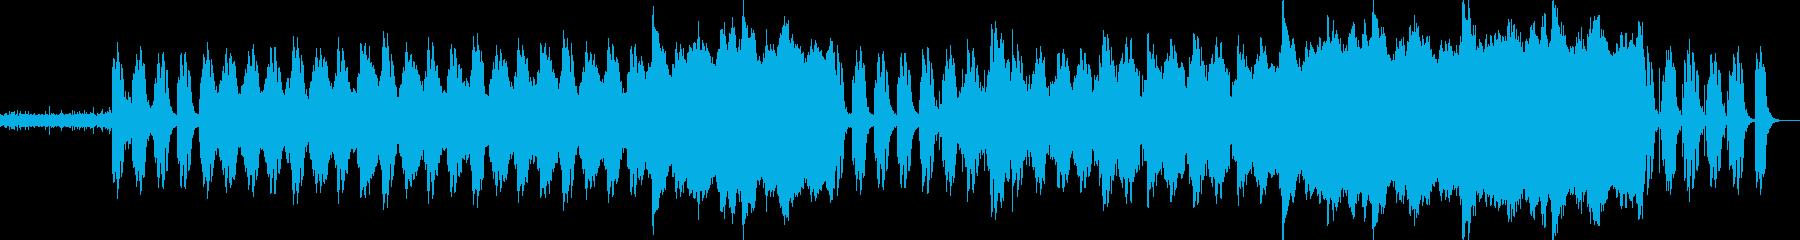 雨→雨上がりをイメージした曲です。の再生済みの波形